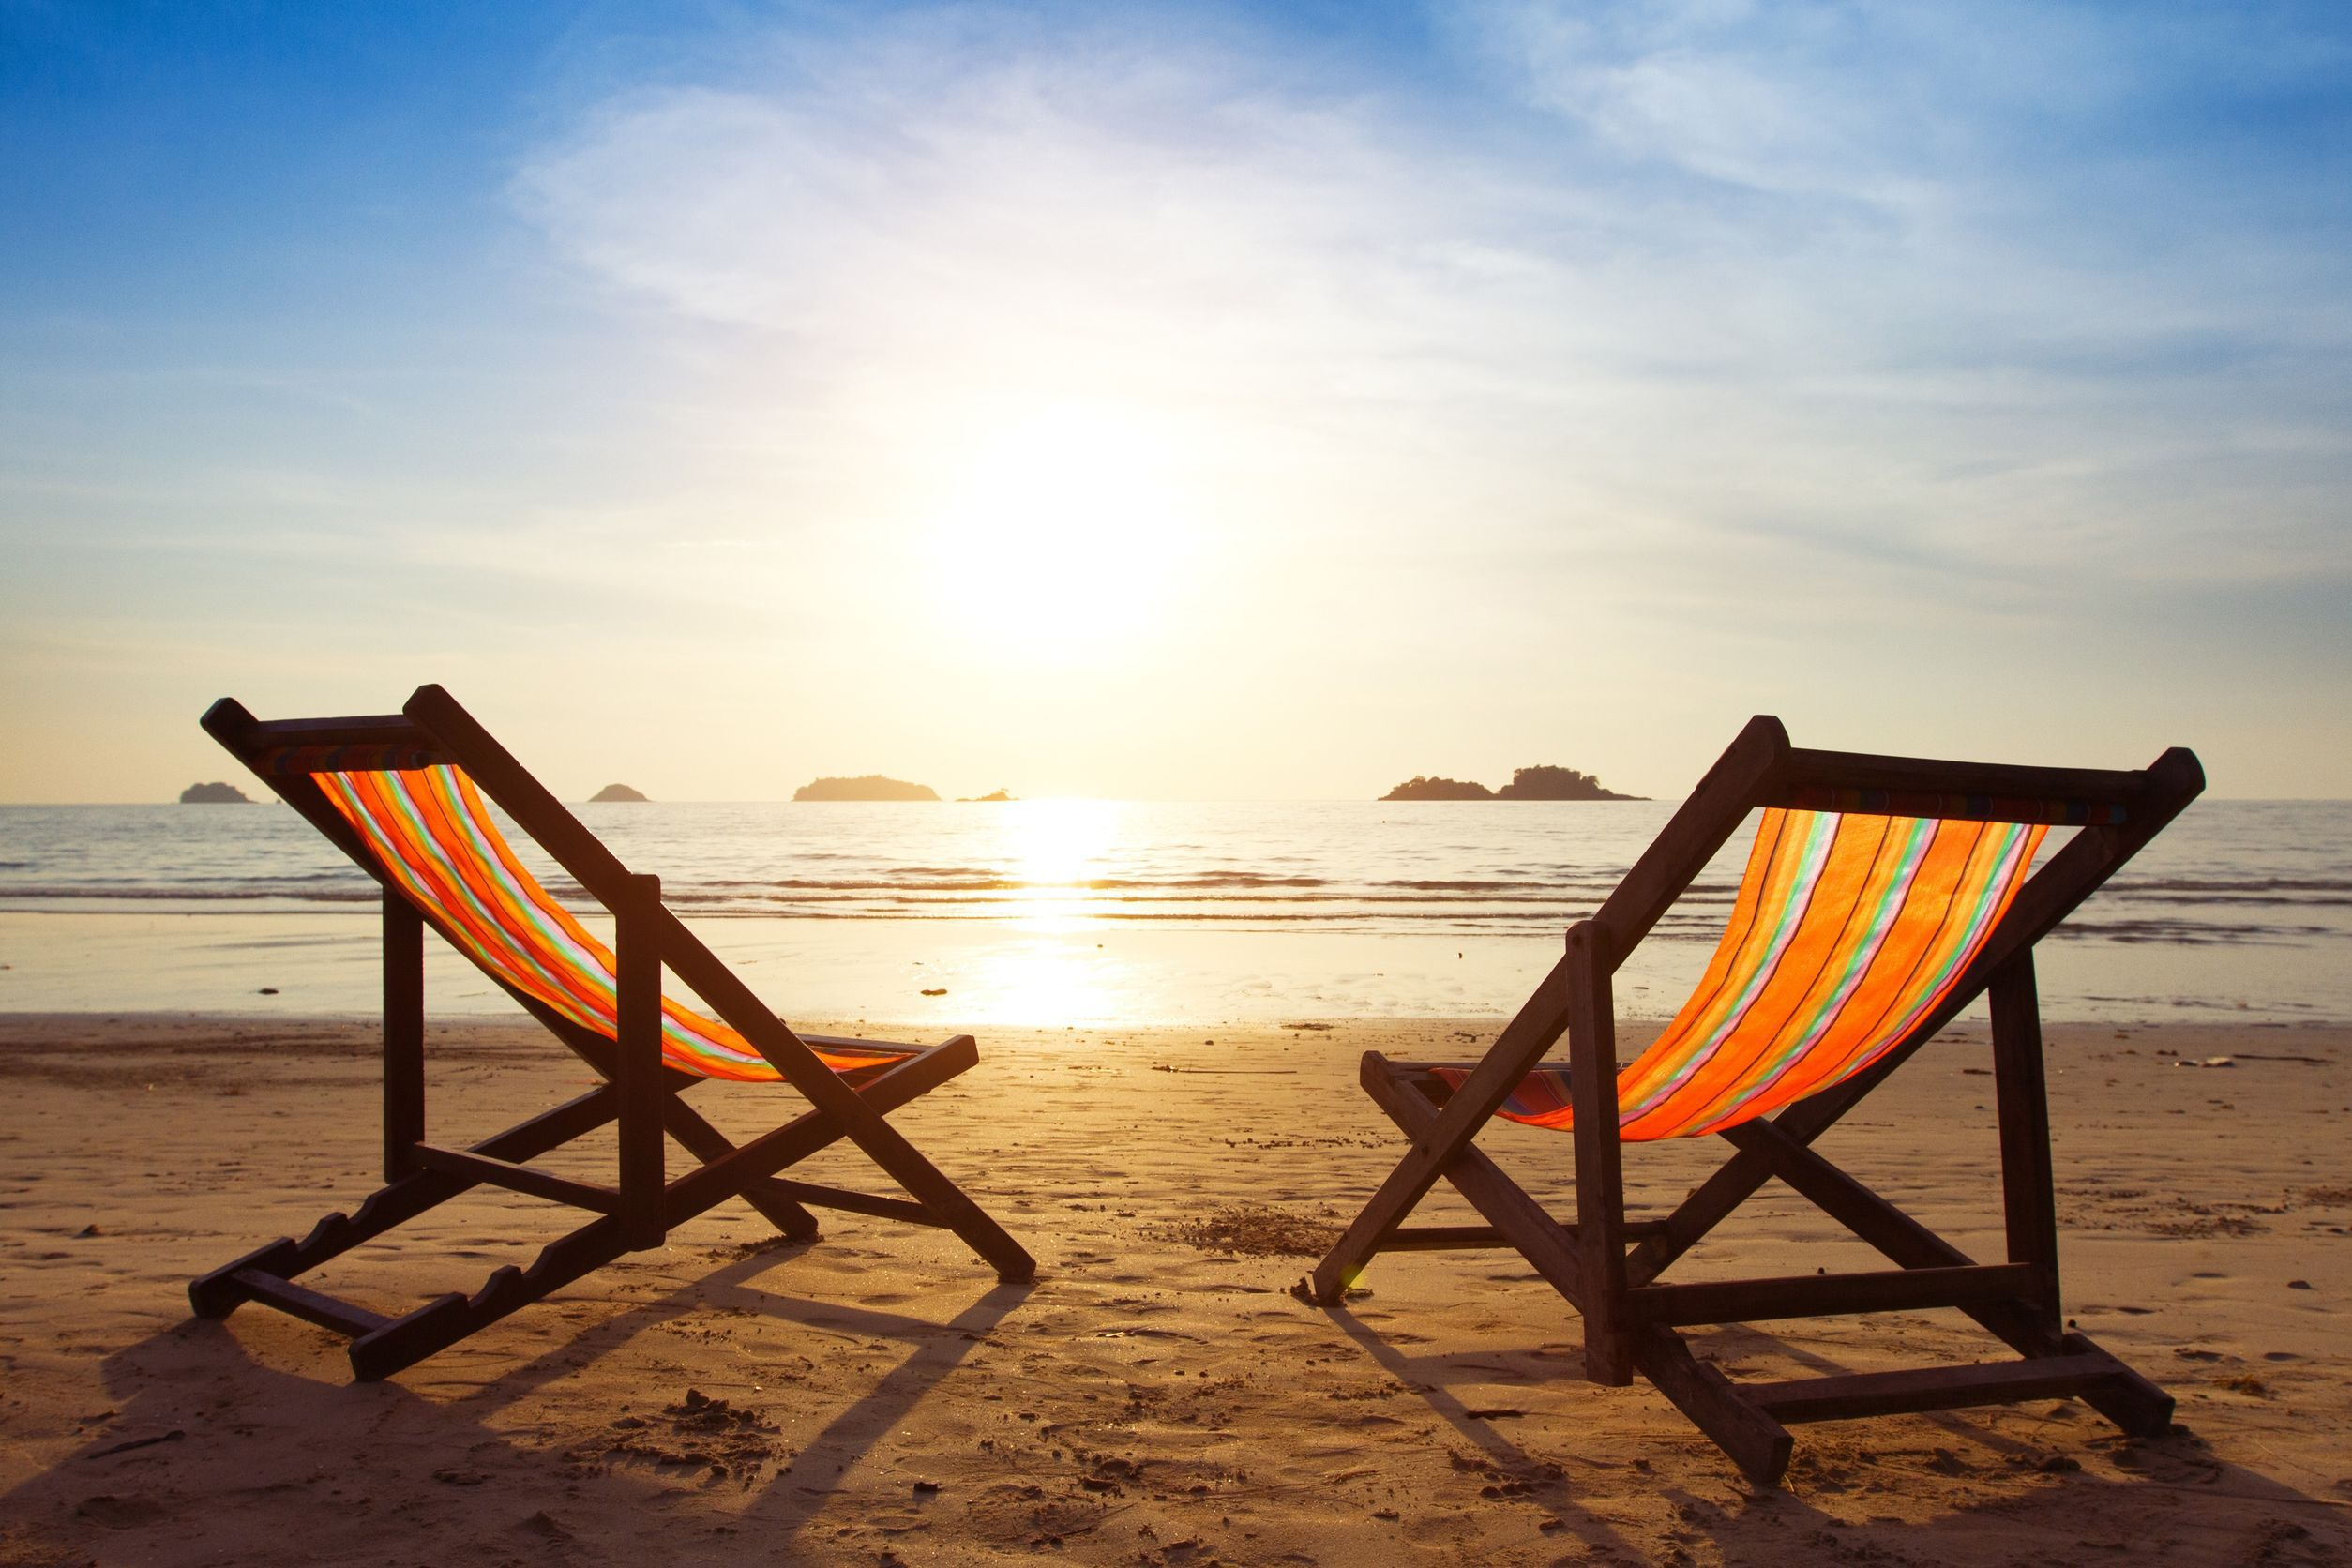 Vremea va fi călduroasă în ultimul week-end de vară, caniculară chiar în unele regiuni